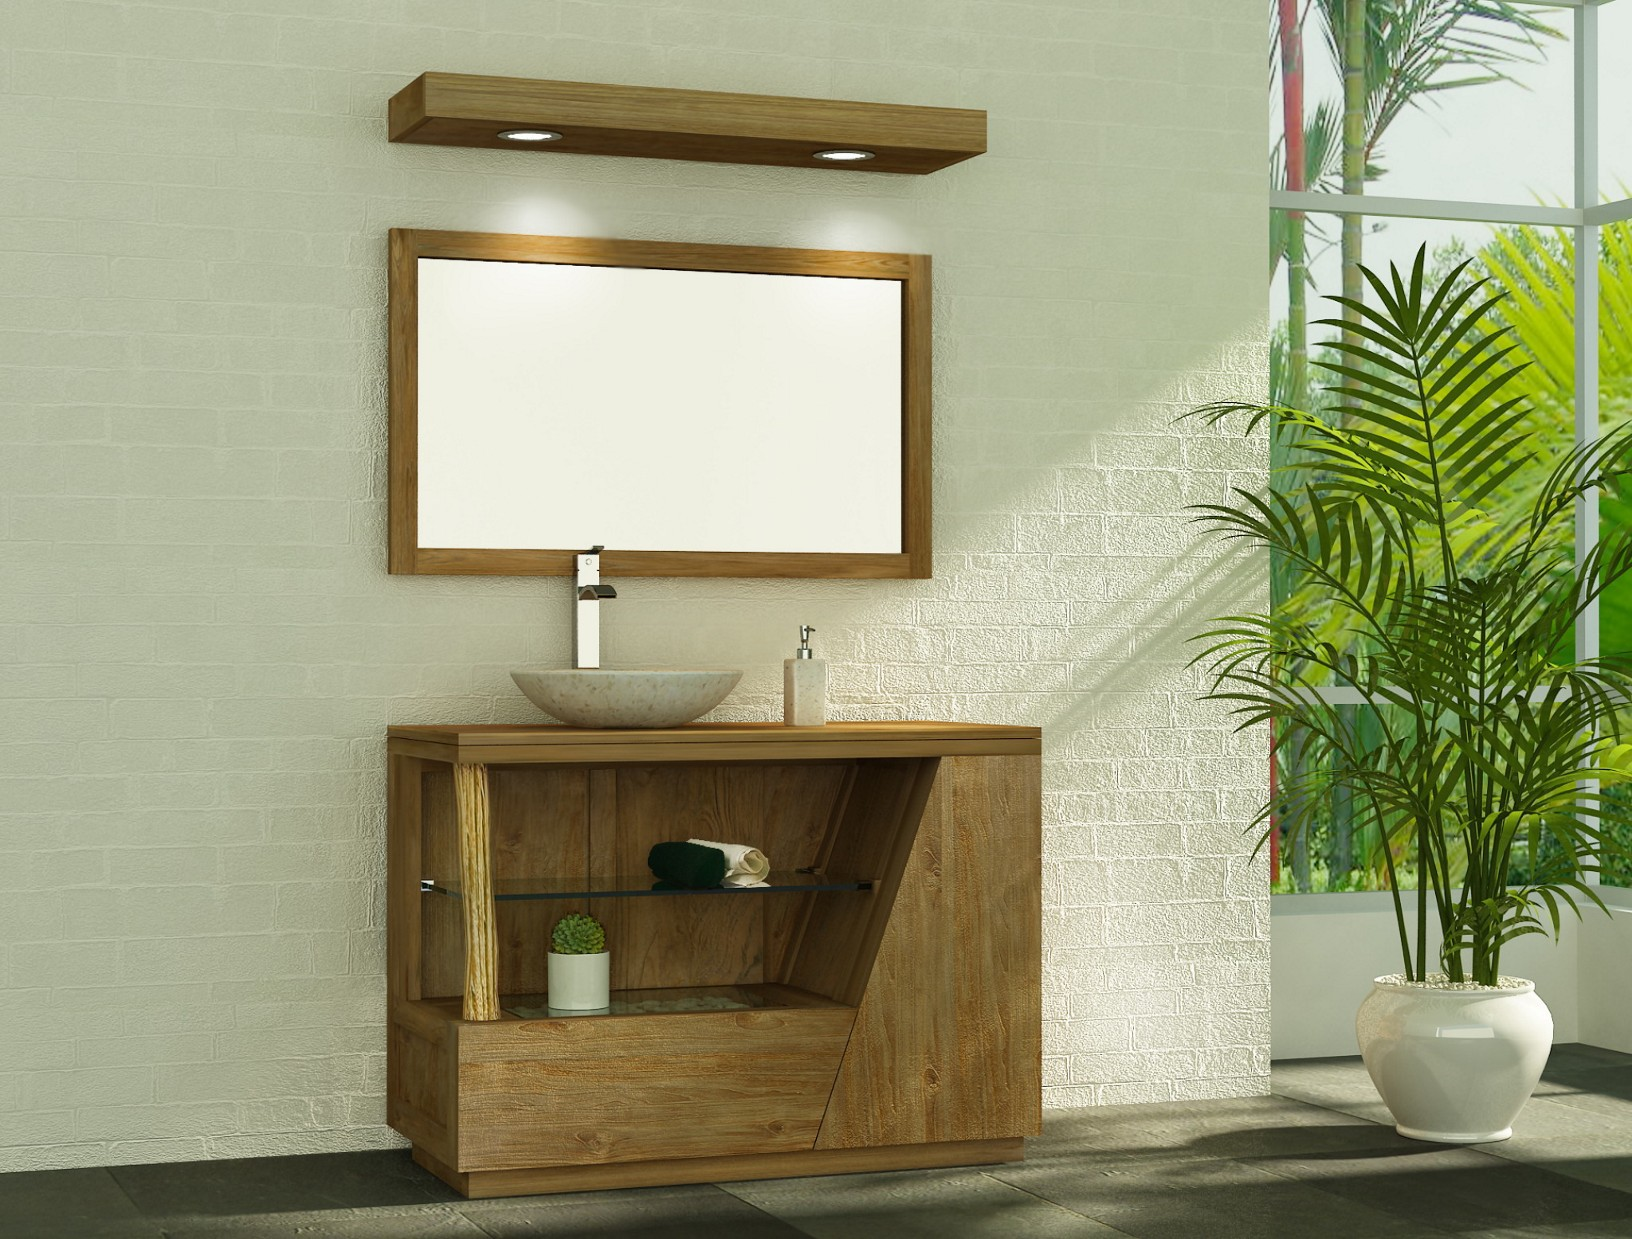 Meuble salle de bain en bois pour vasque poser meuble for Meuble sous vasque sur mesure